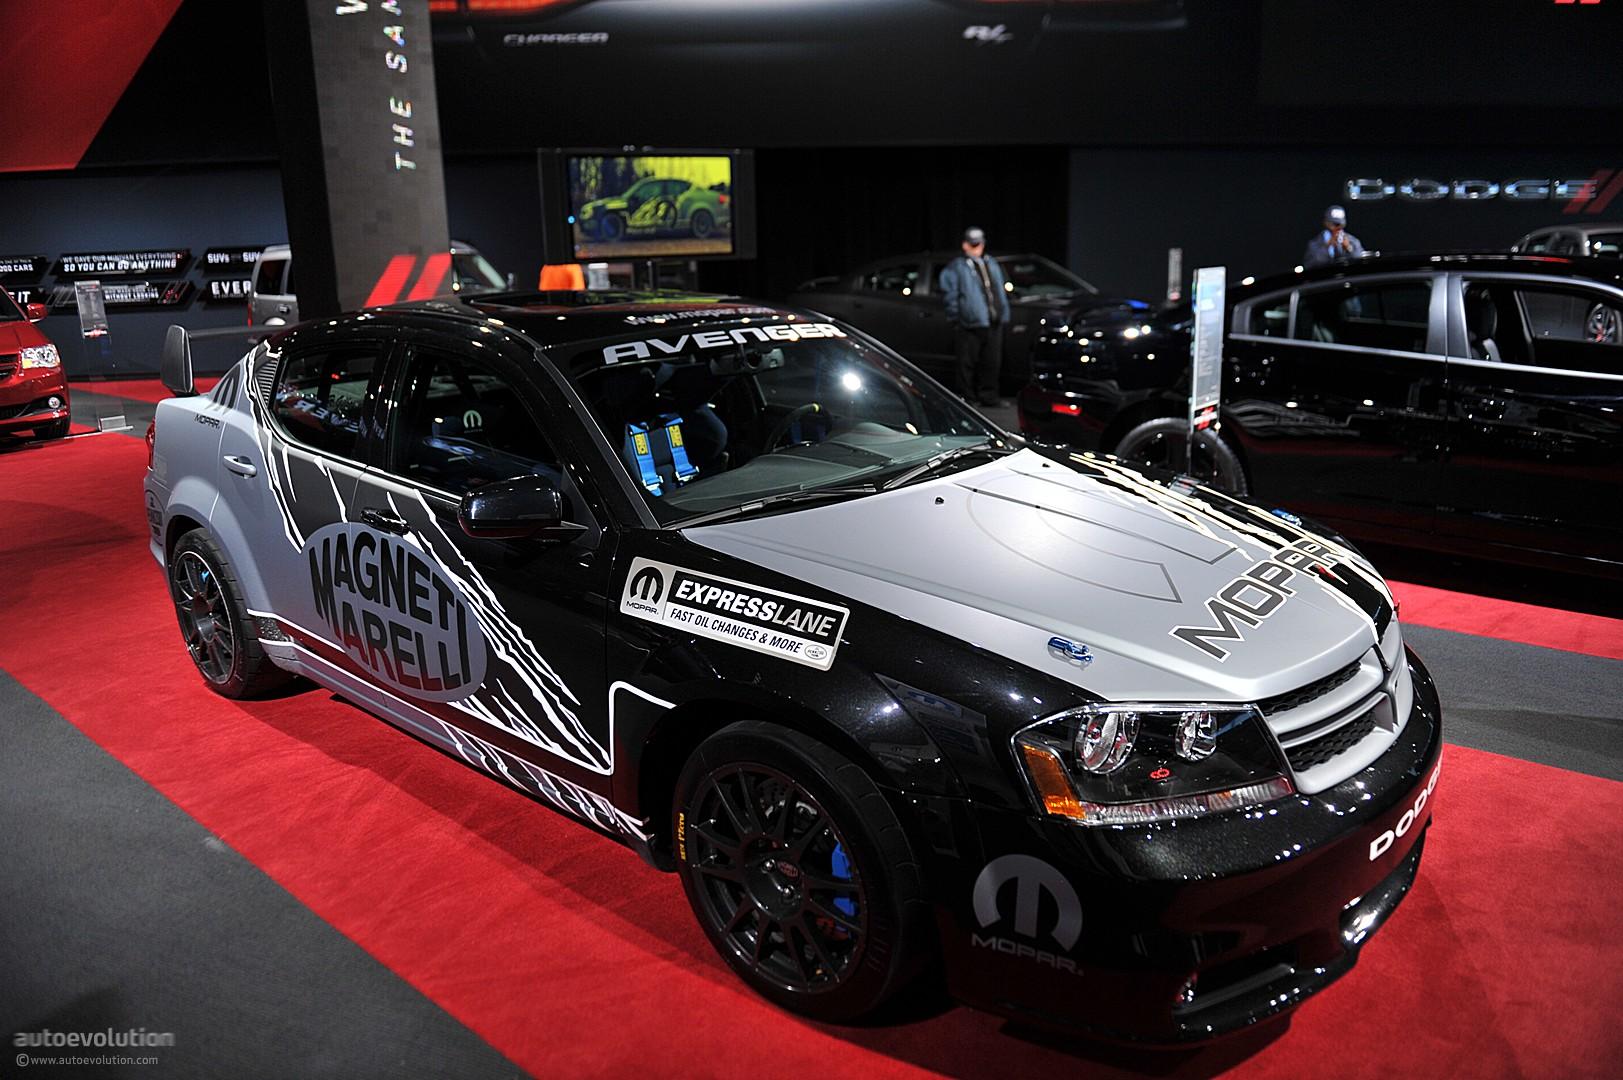 Chrysler Auto Parts >> NYIAS 2011: Mopar Dodge Avenger Rally Car [Live Photos] - autoevolution